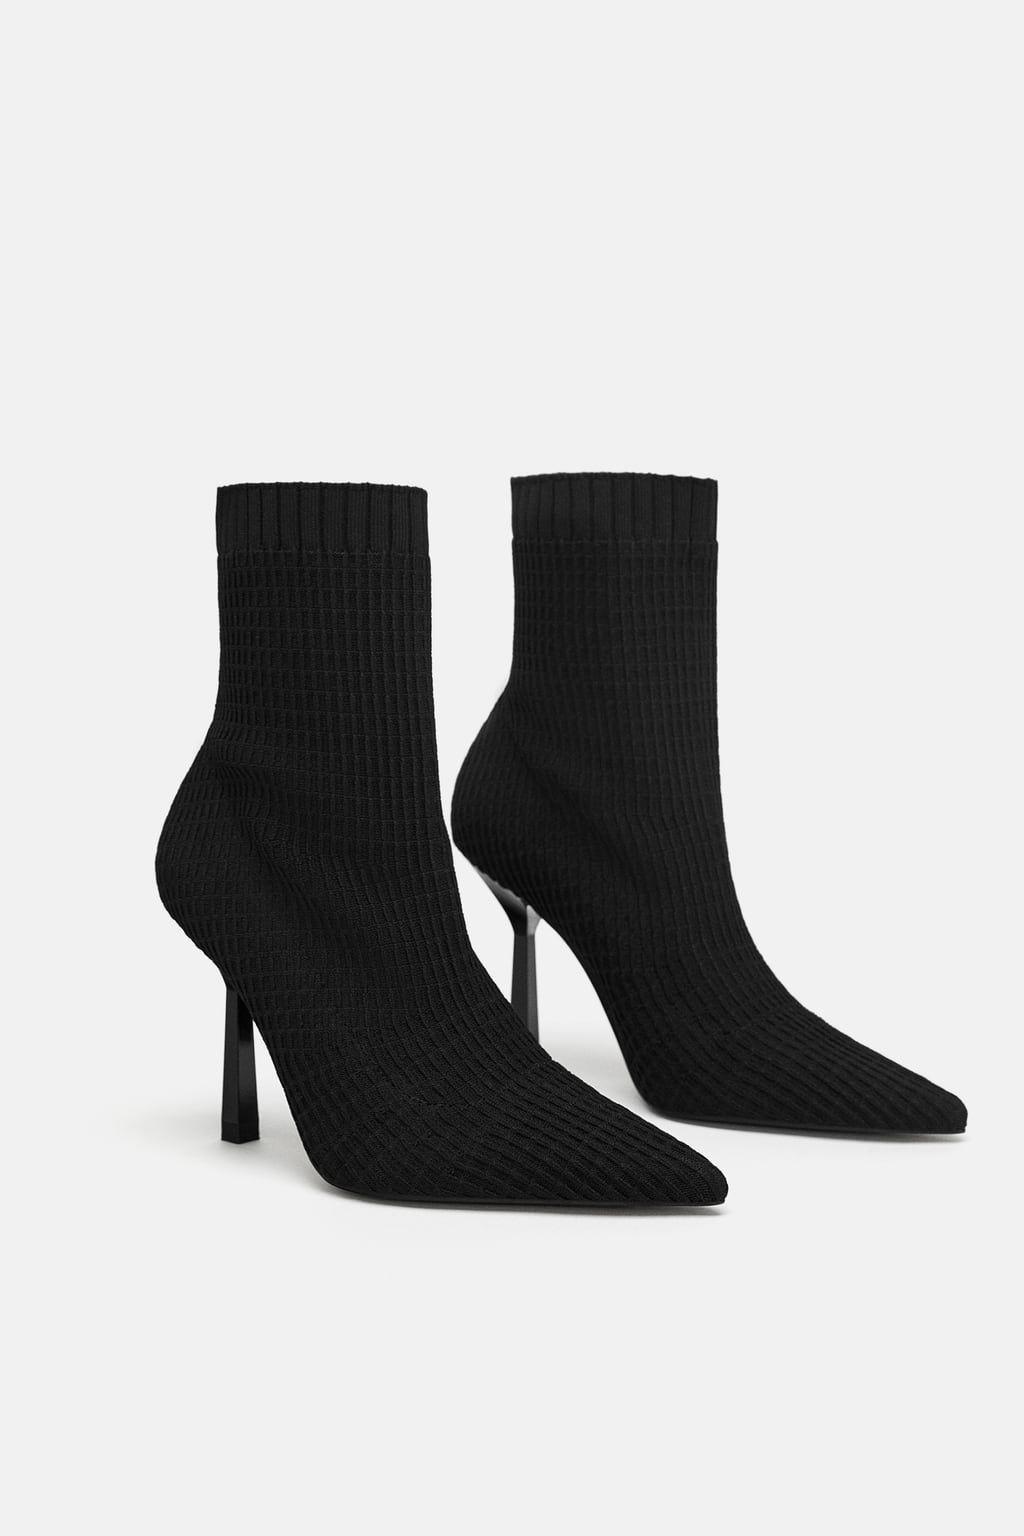 Productos salida online 100% autenticado BOTÍN TACÓN ELÁSTICO | P. Farchez... in 2019 | Heels, Boots ...